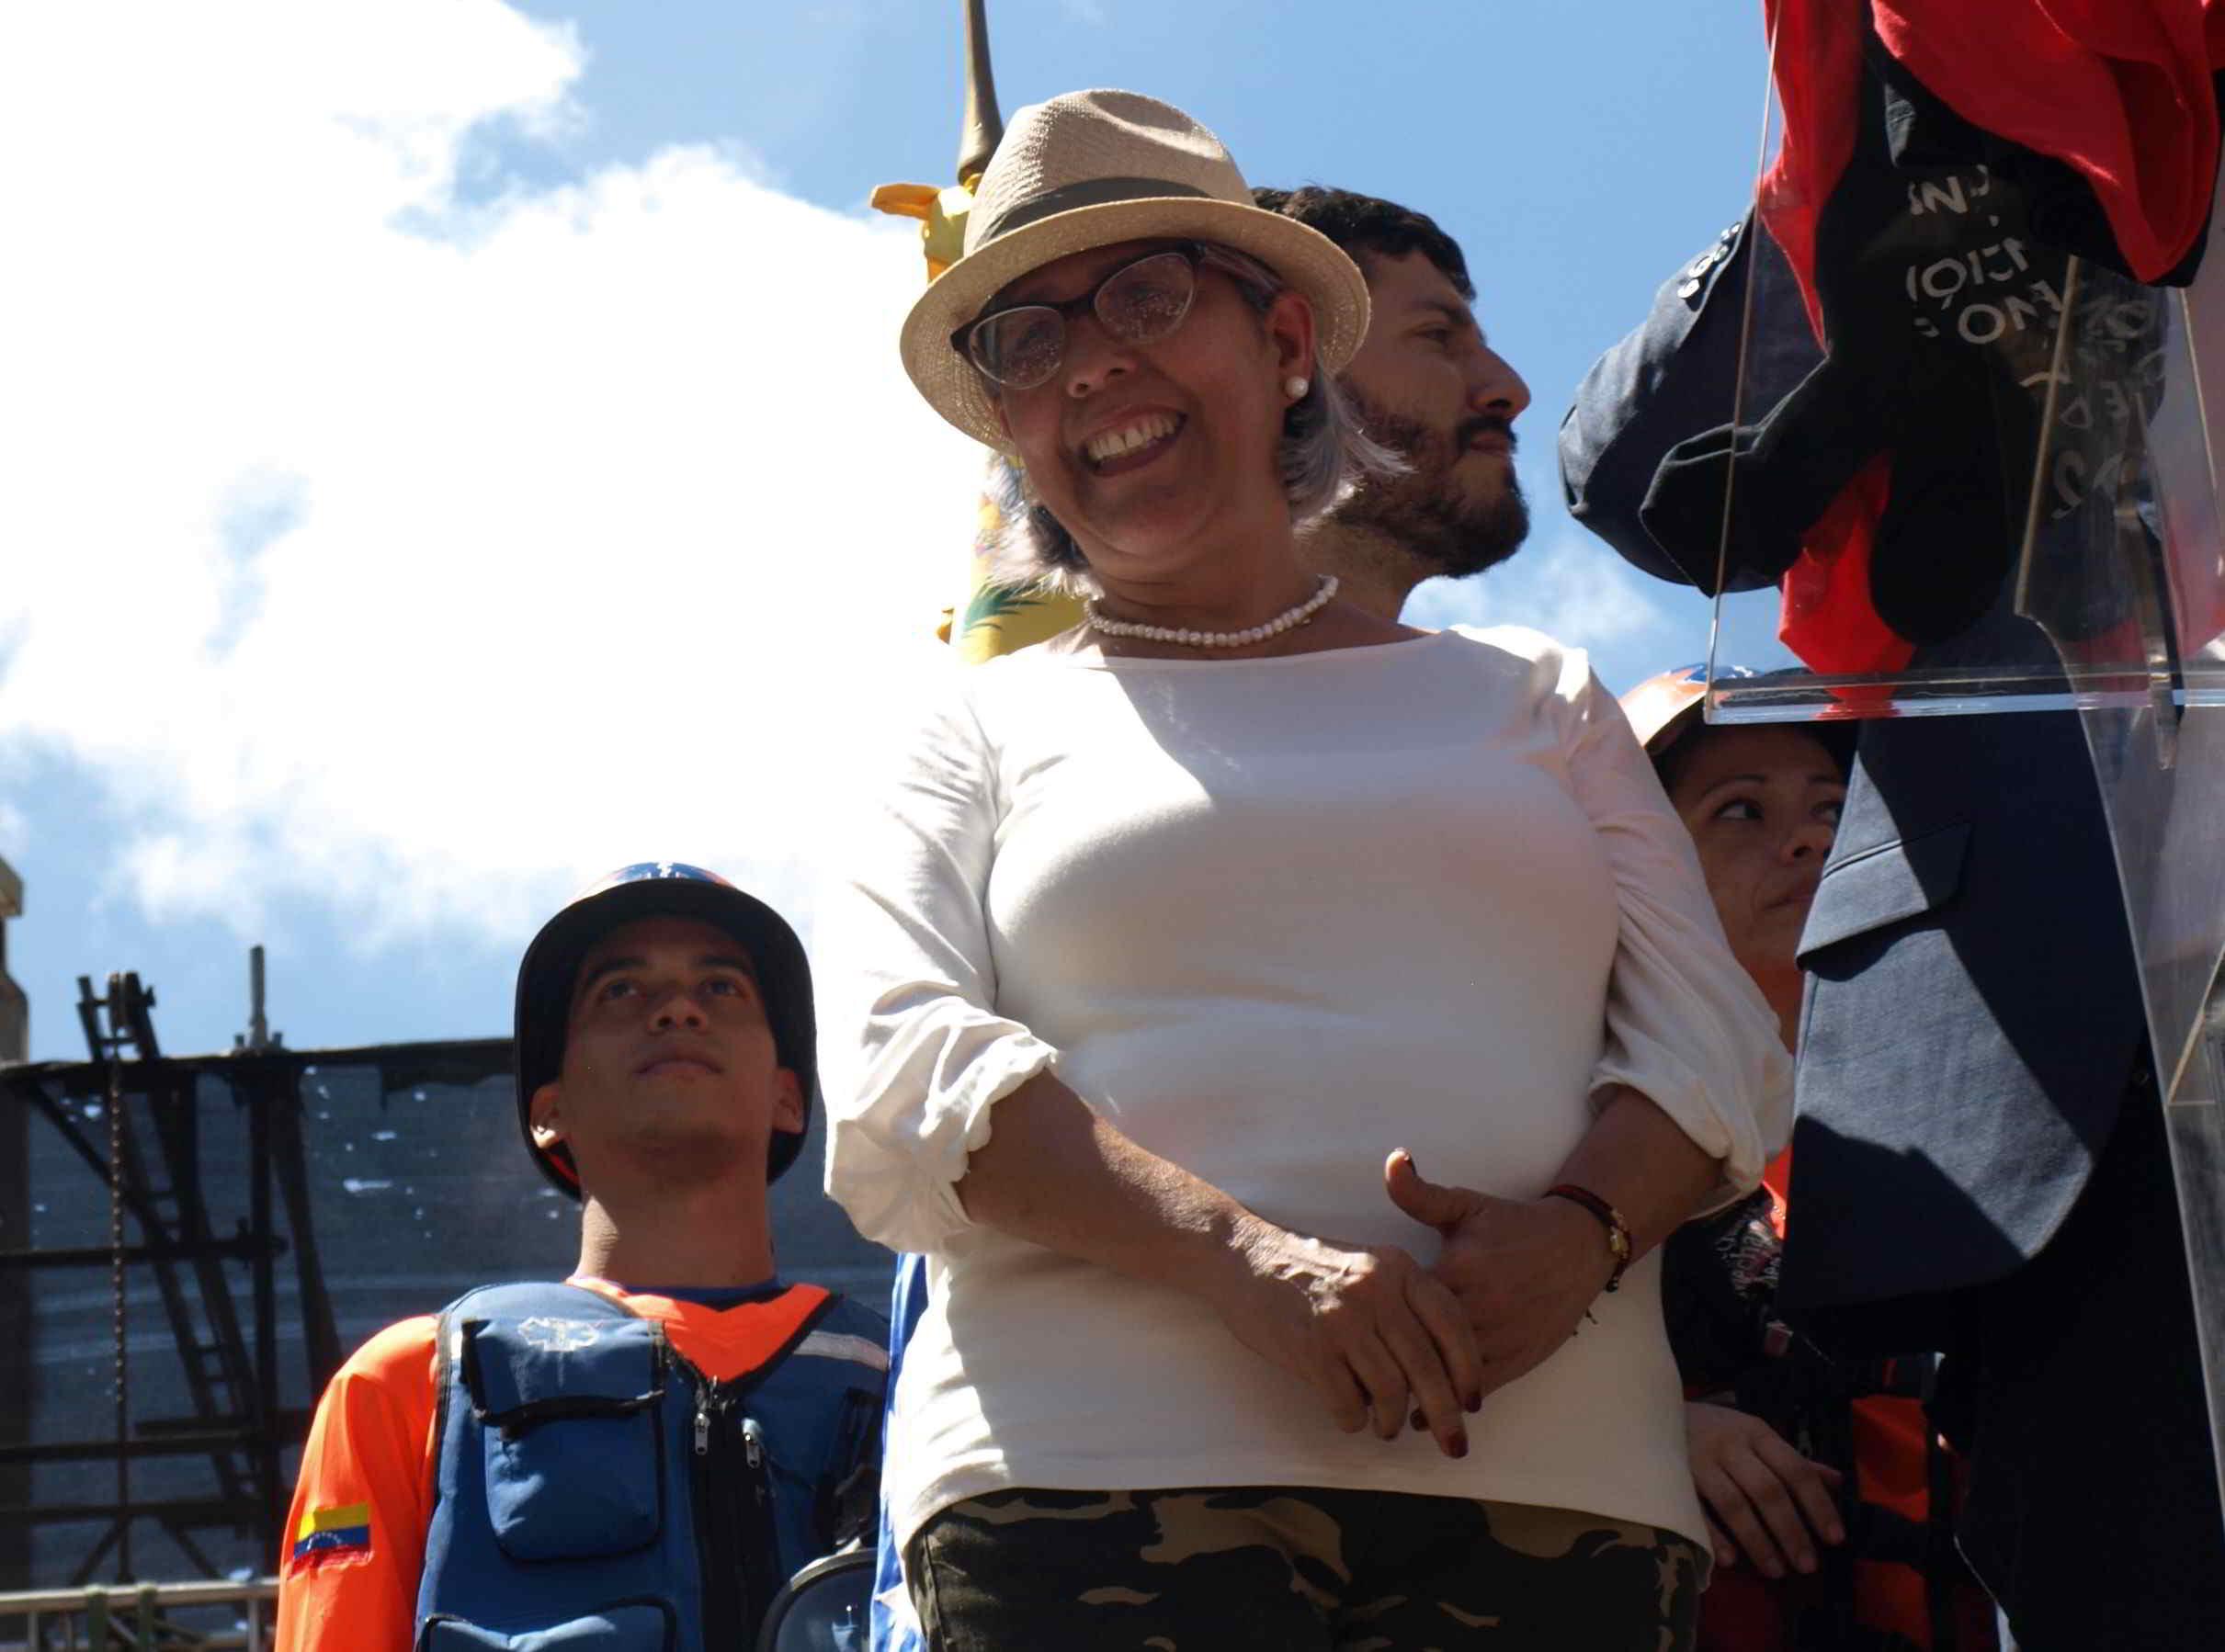 La mamá del presidente encargado hizo acto de presencia en la concentración